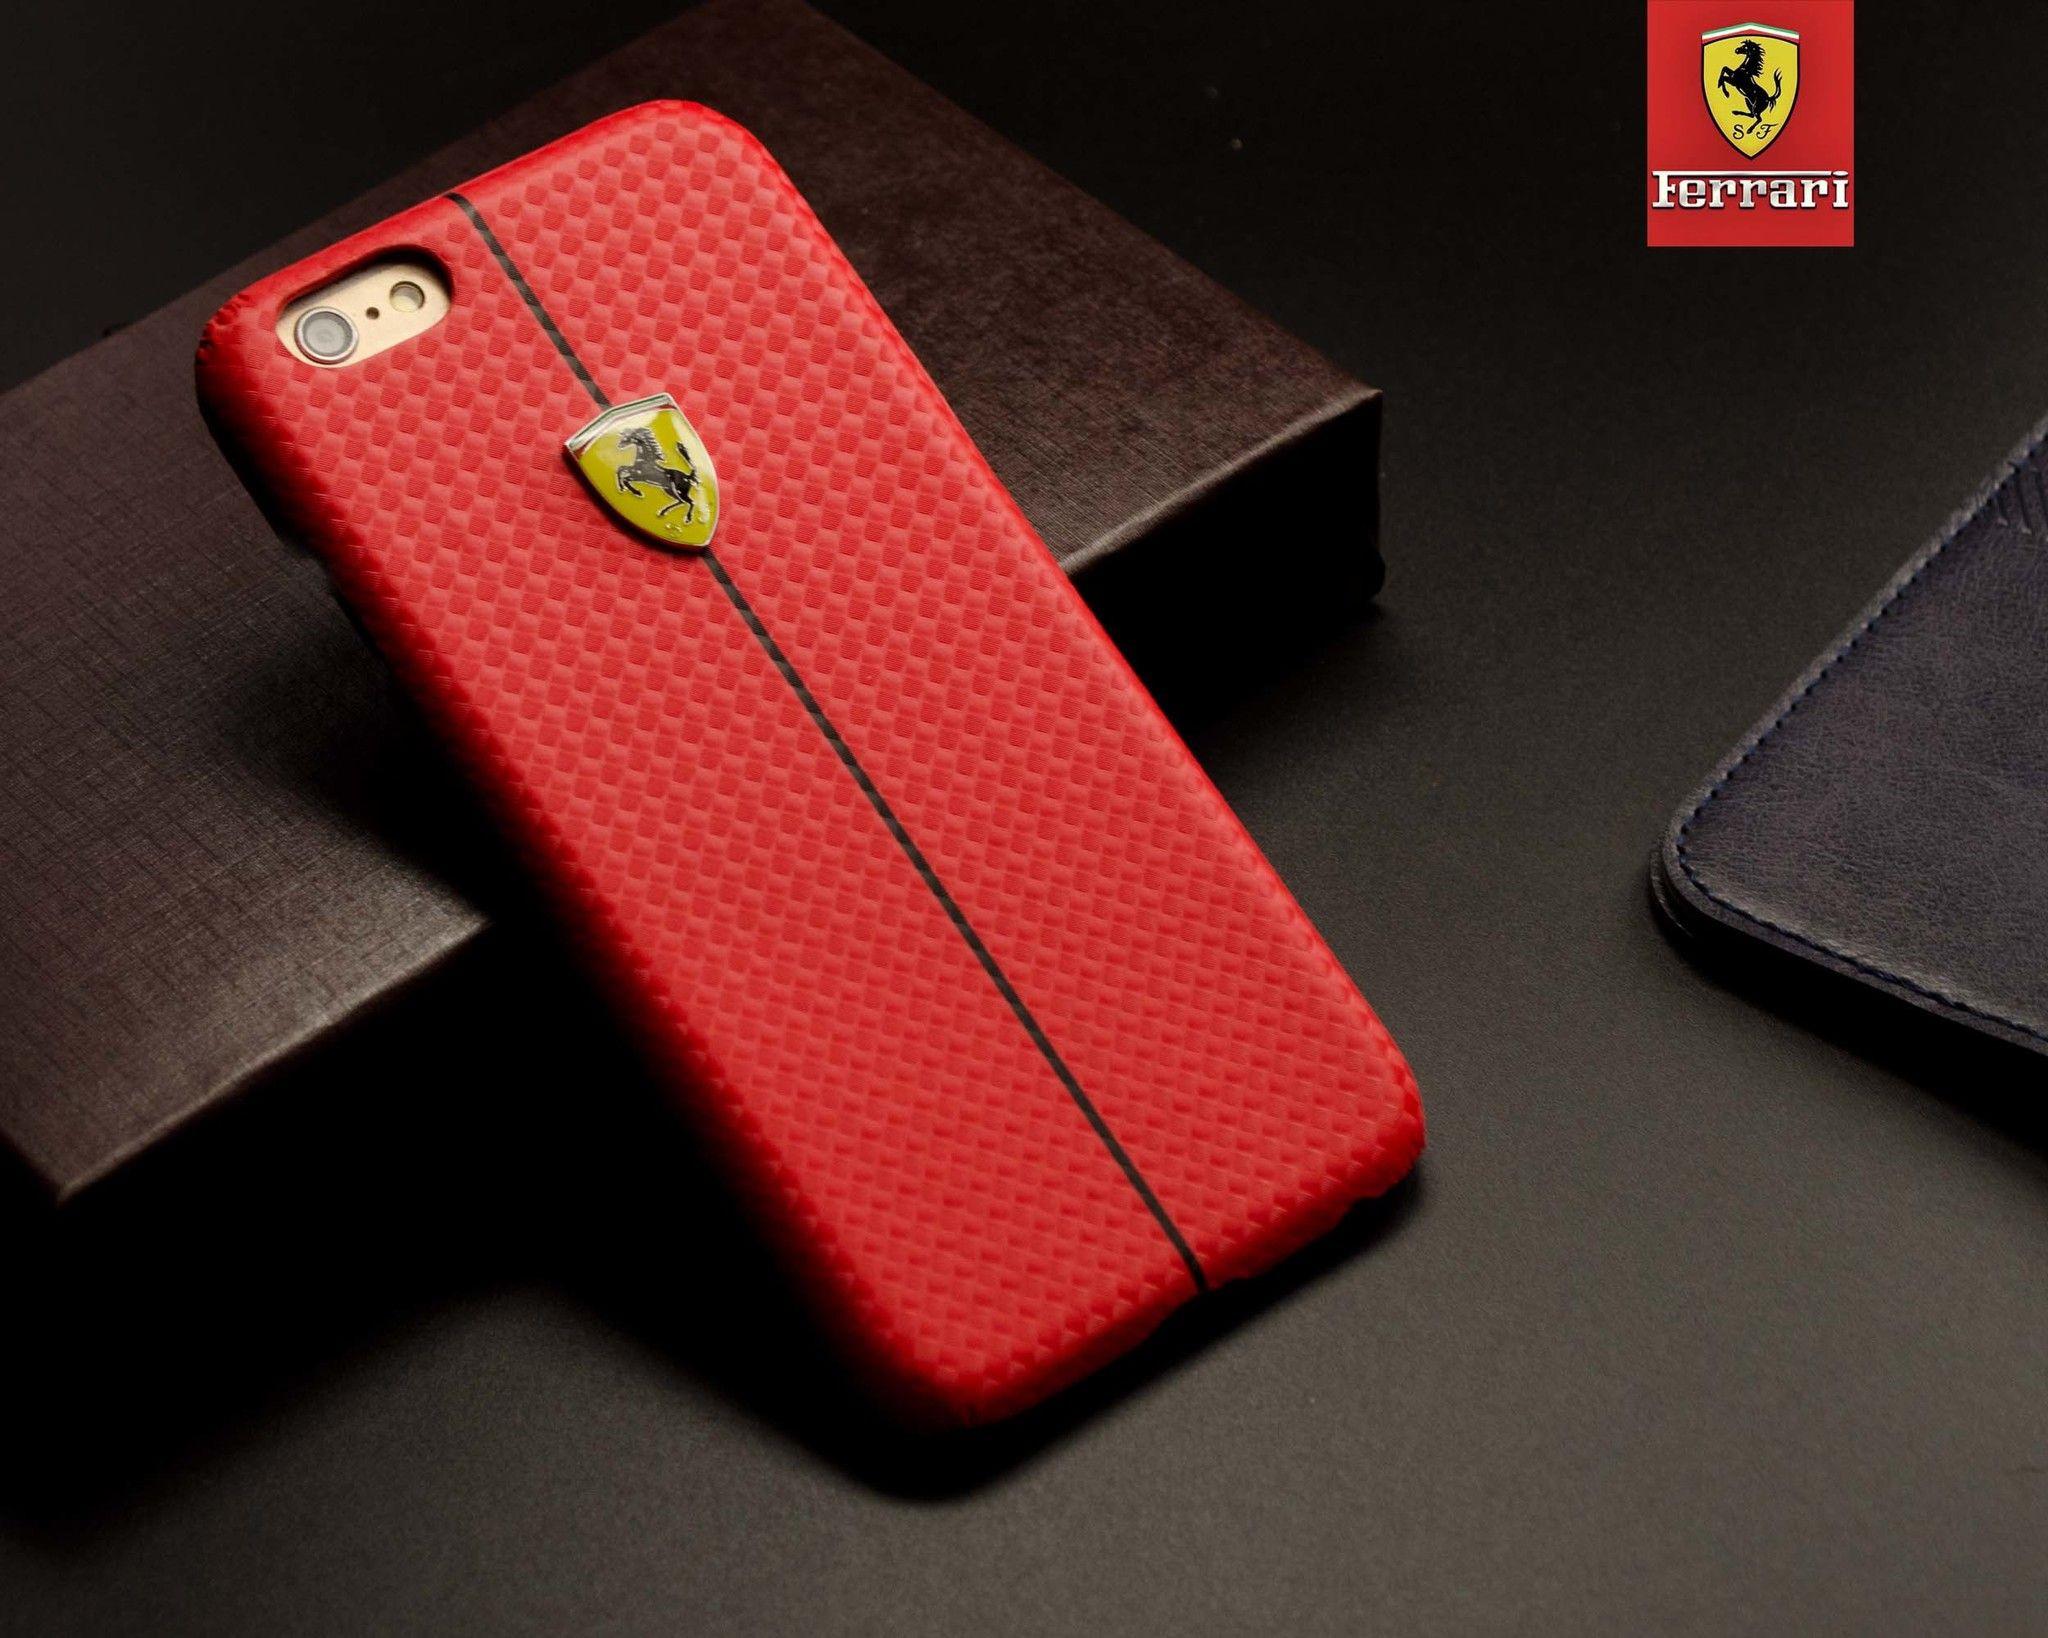 finest selection 6d93c 7968a Ferrari ® Apple iPhone 6 / 6S Formula One Carbon Fiber 3D Layer Case Back  Cover